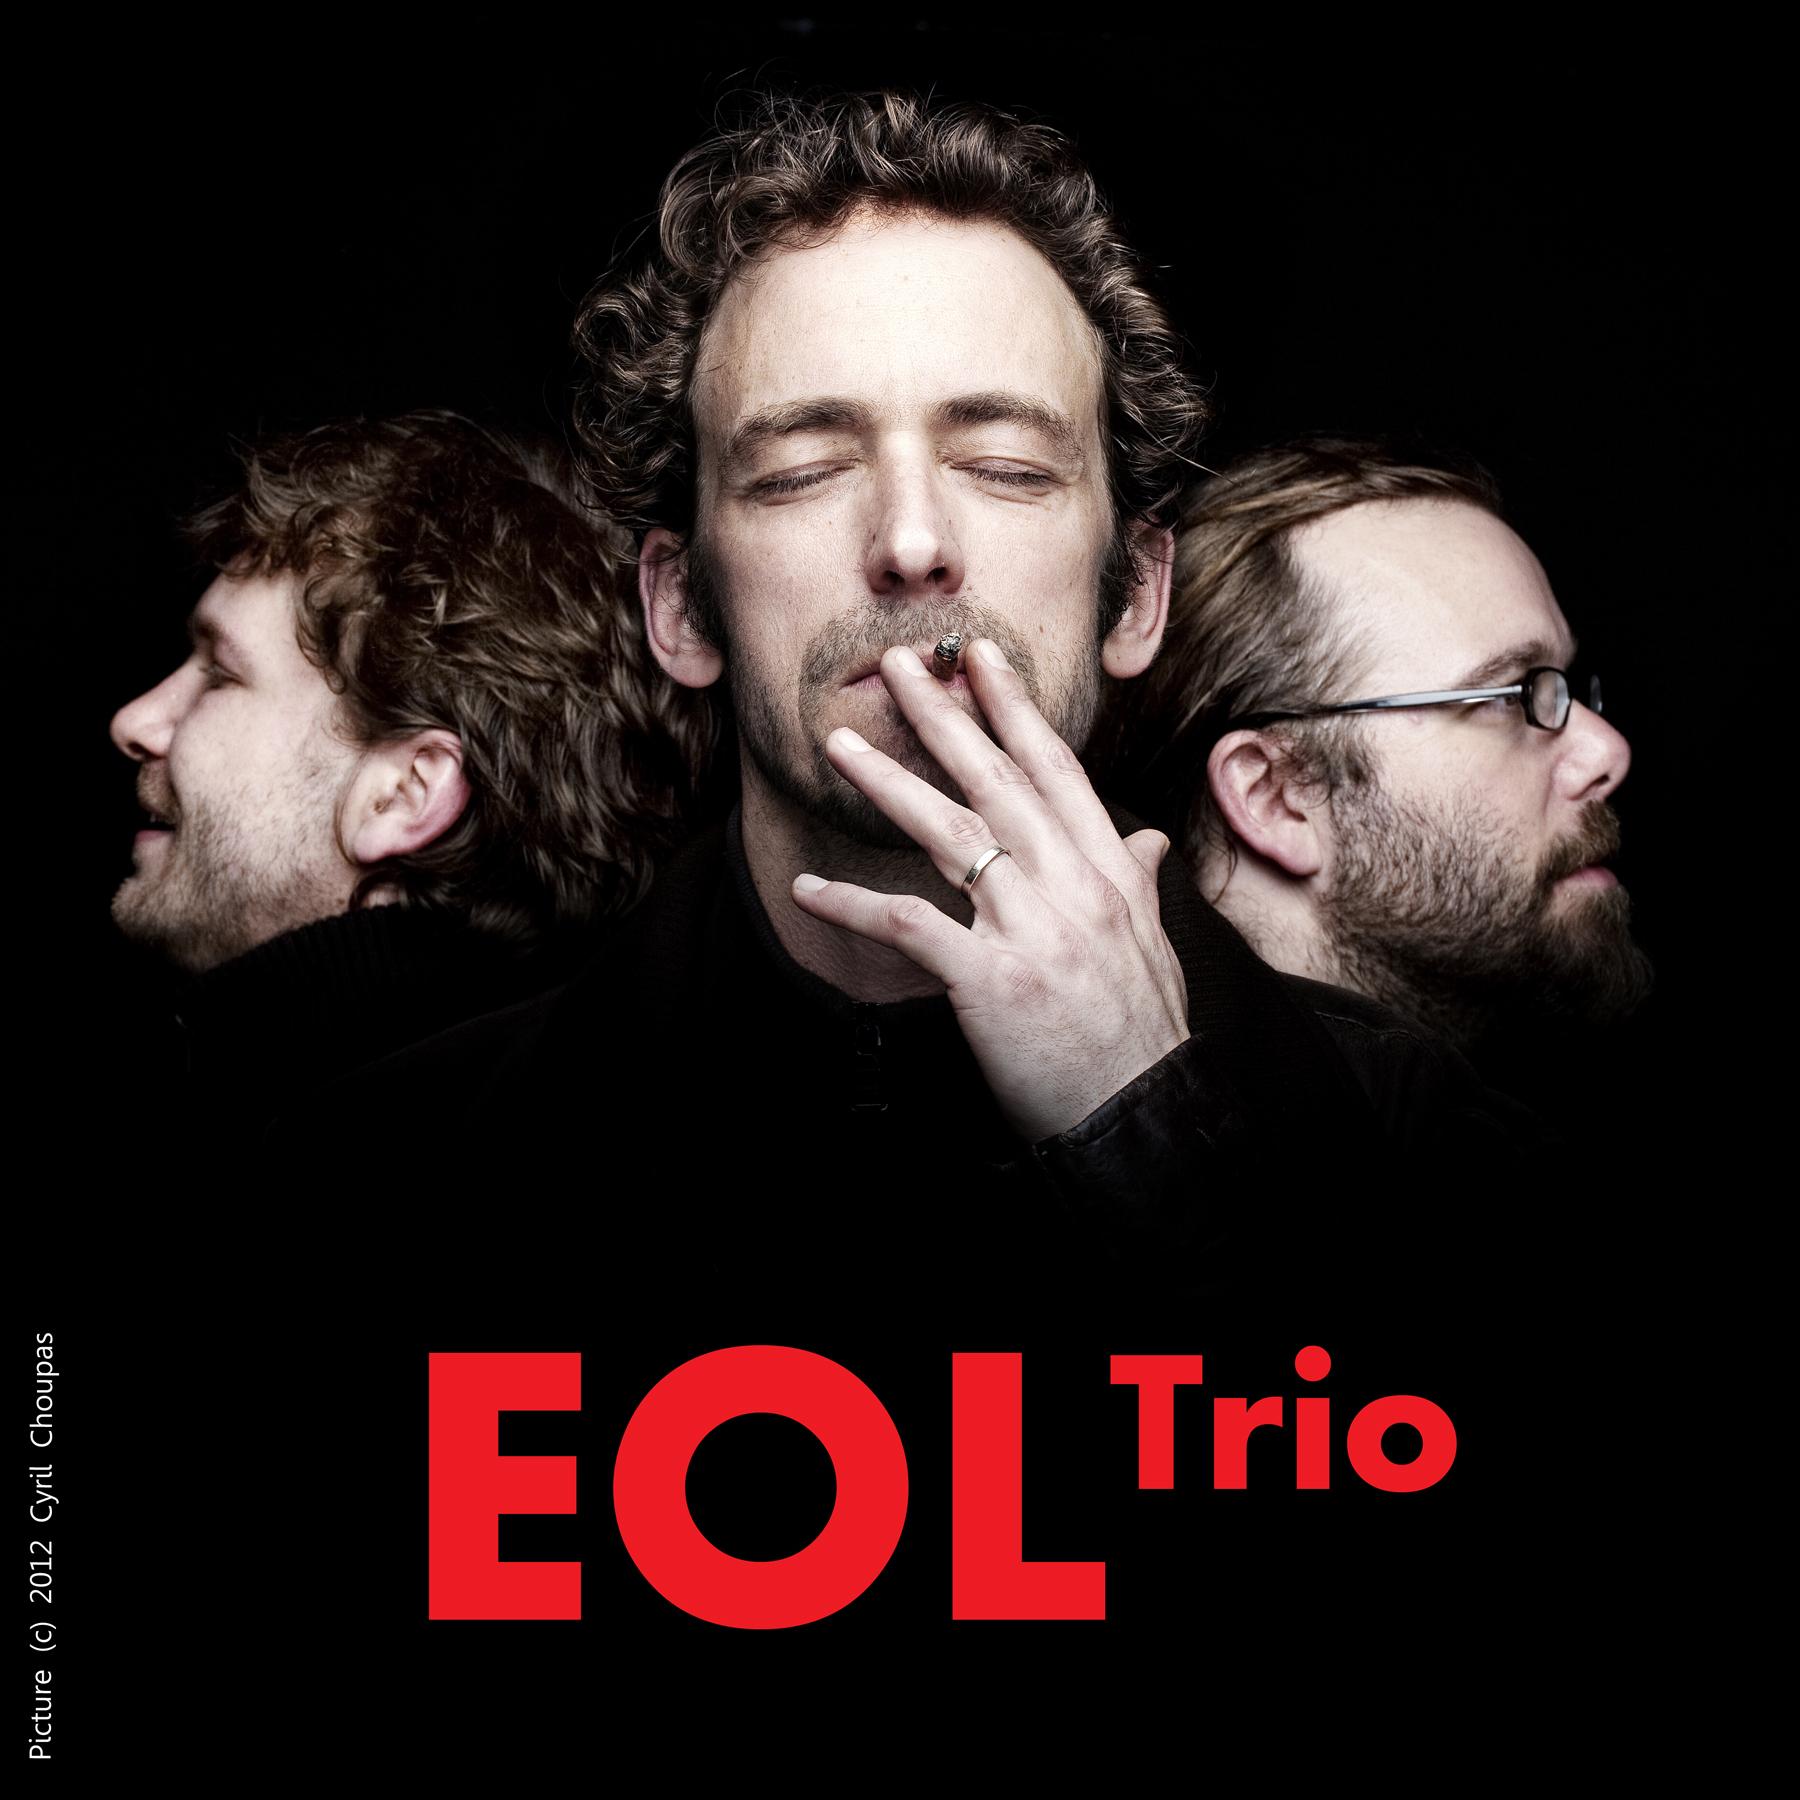 Eol Trio